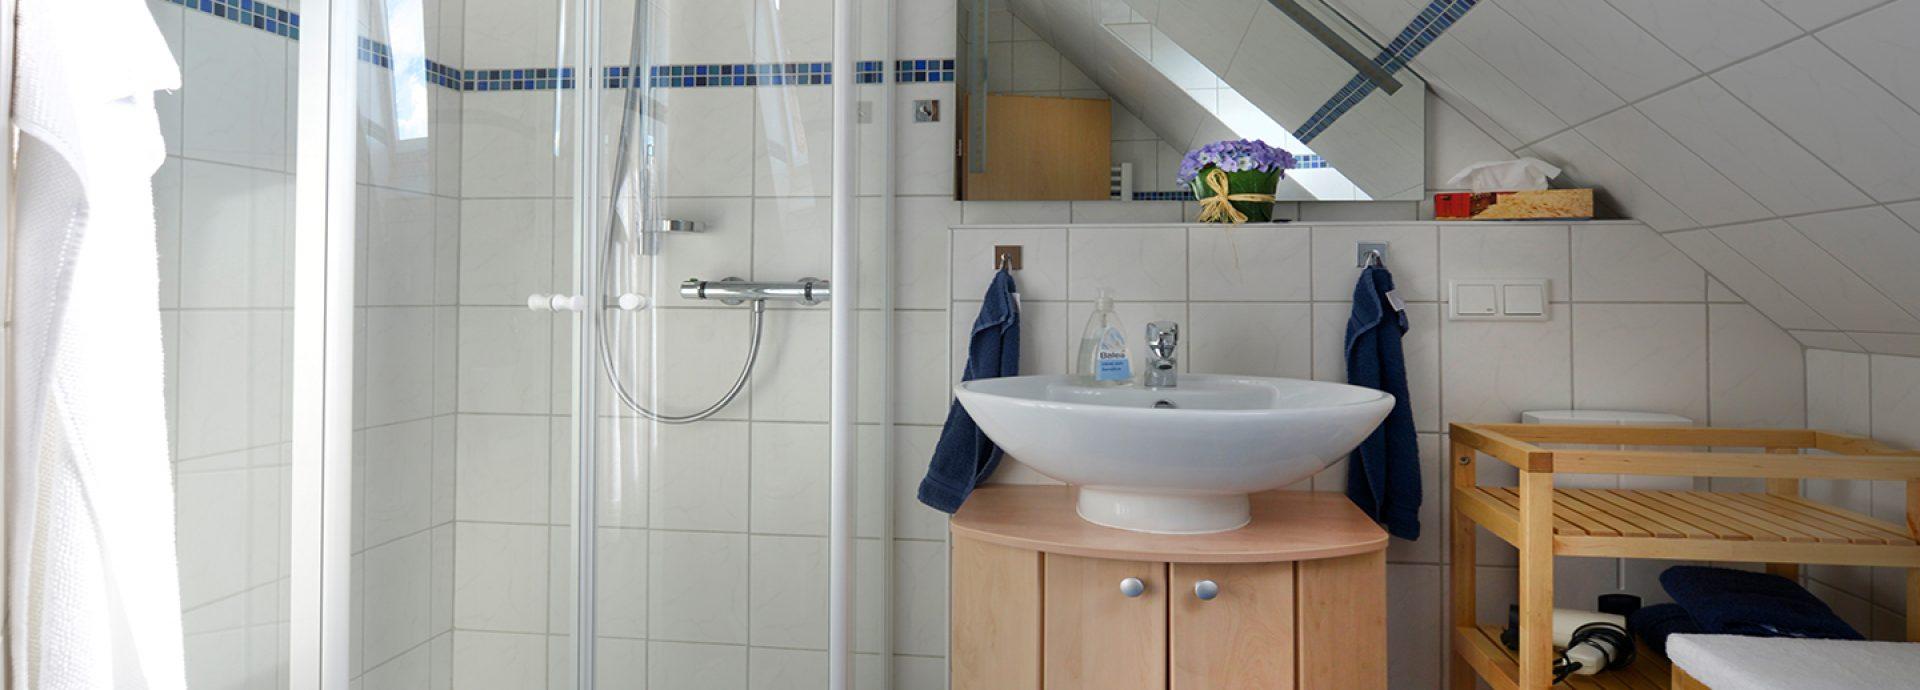 Bad mit Dusche, WC und Waschtrockner